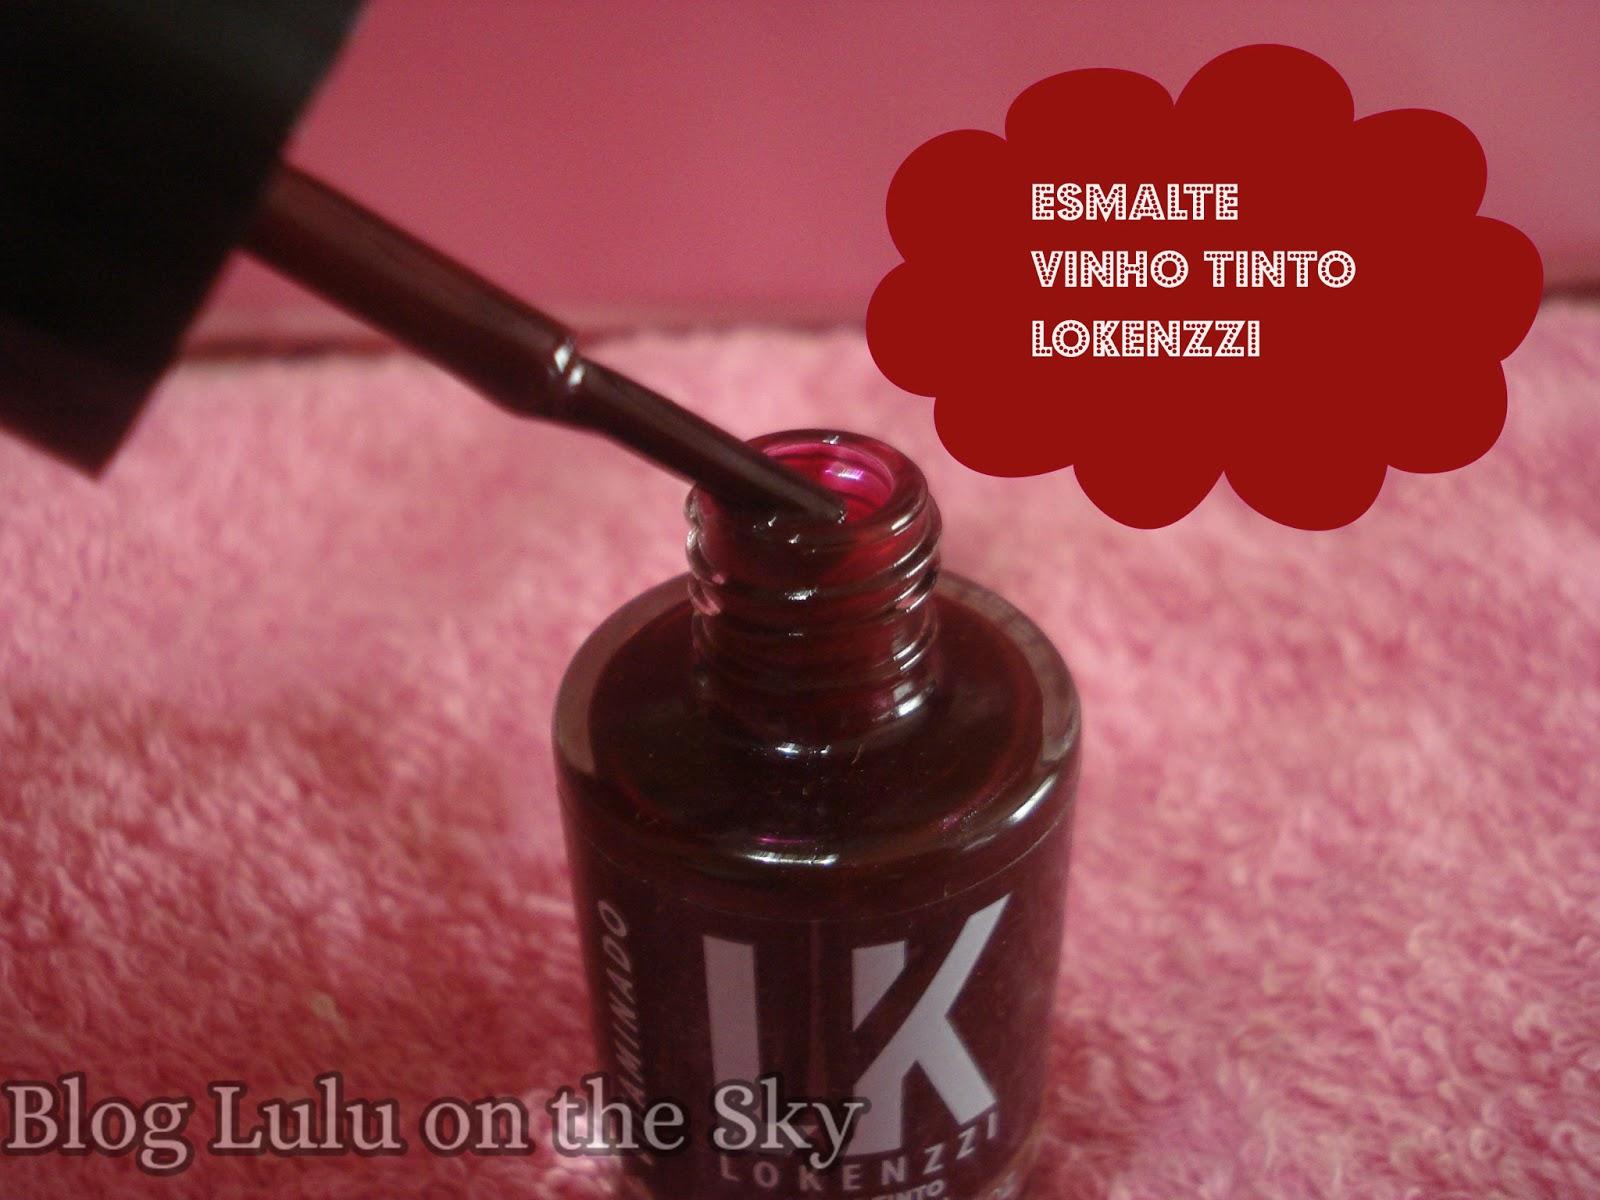 Esmalte vinho tinto da Lokenzzi